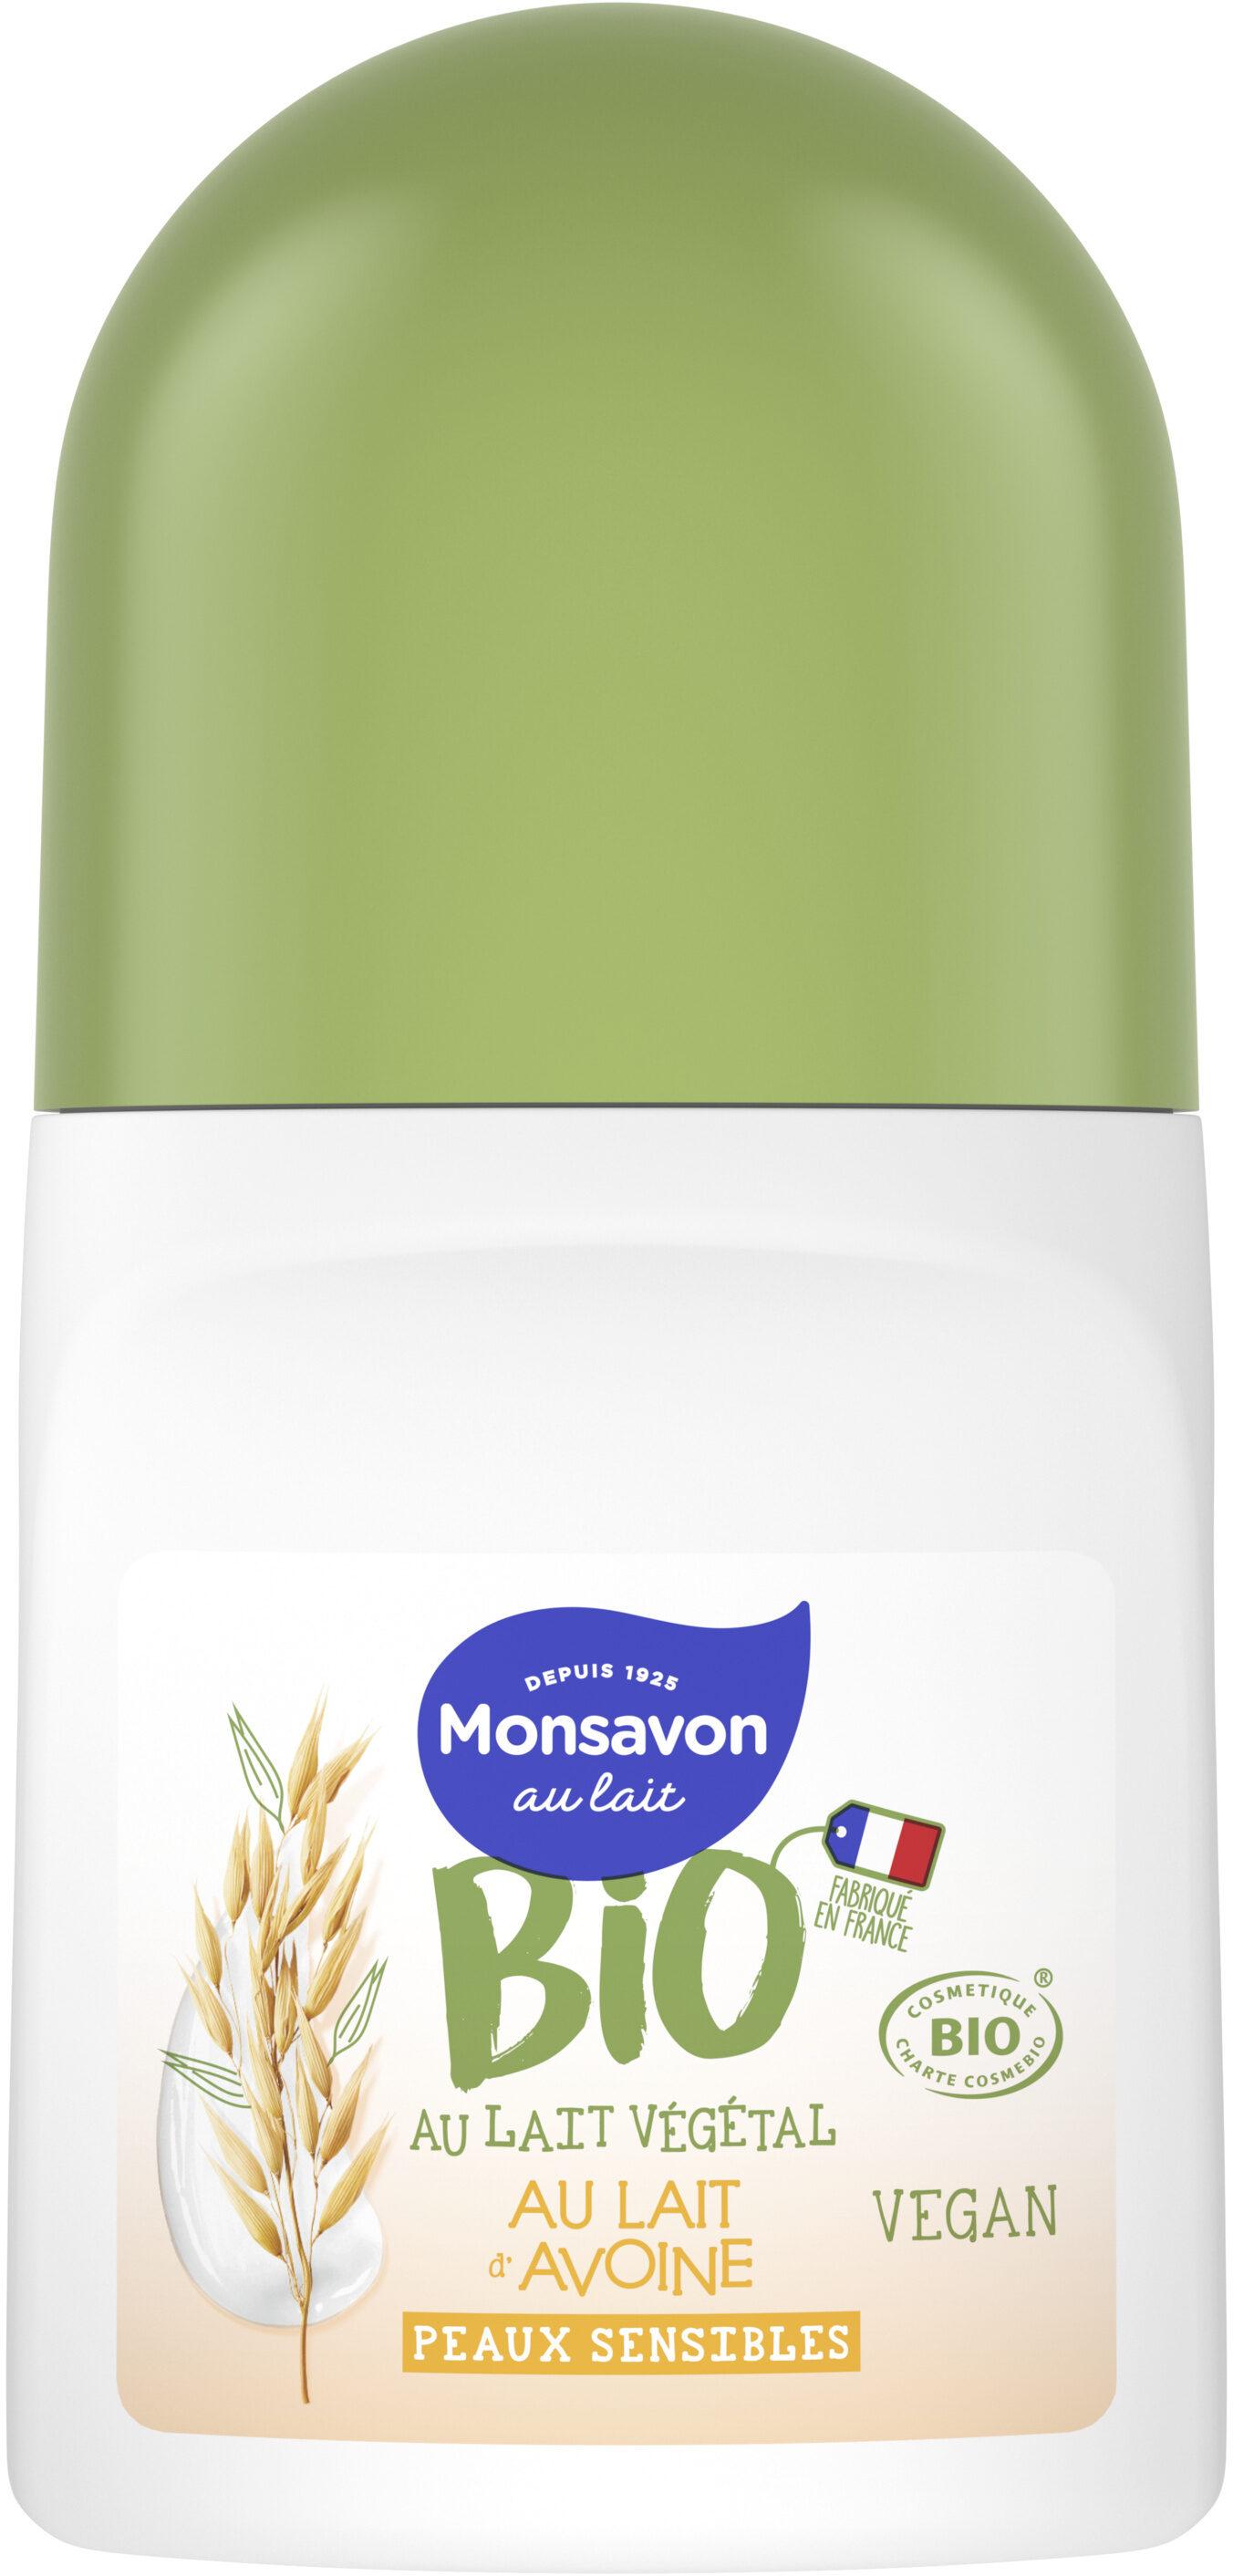 Monsavon Bio Déodorant Bille Lait Amande - Product - fr